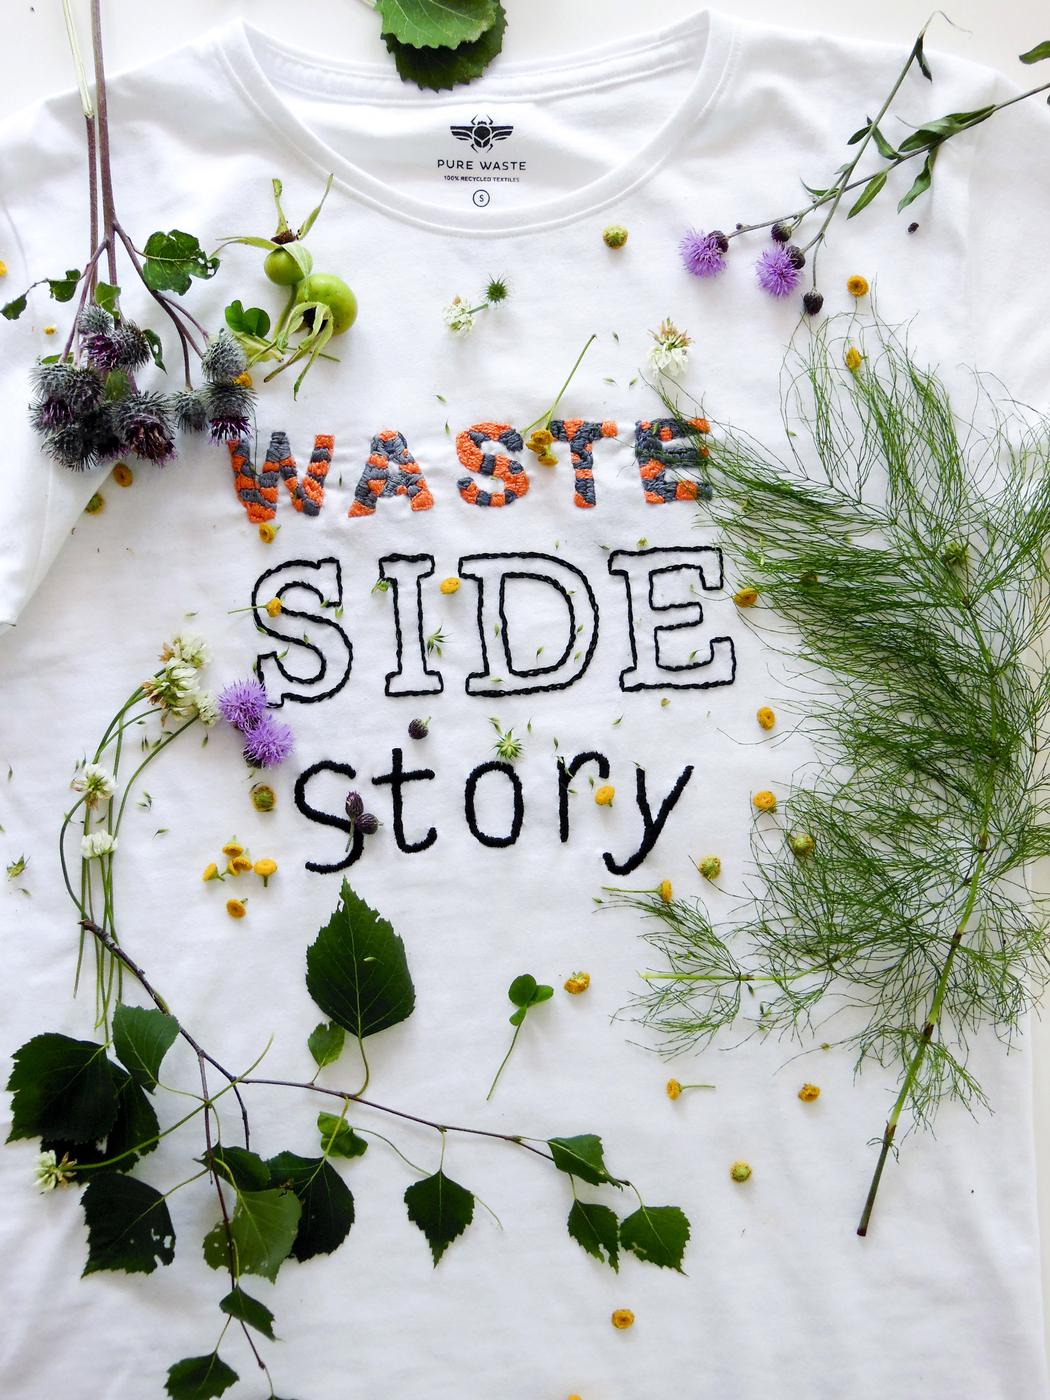 WasteSideStory_paita.jpg